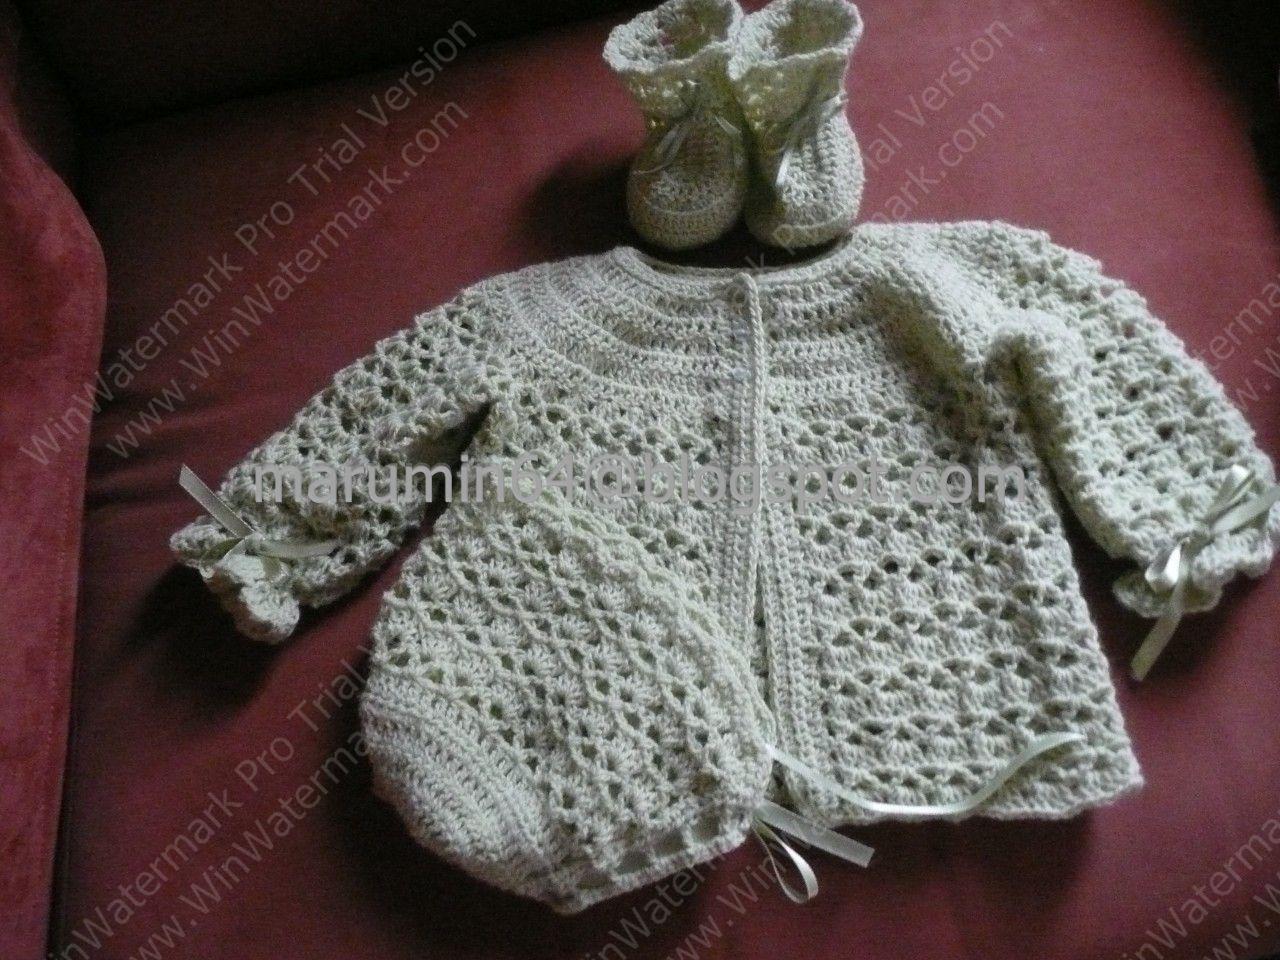 Marumin crochet conjunto verde 3 piezas chaqueta - Toca de ganchillo ...